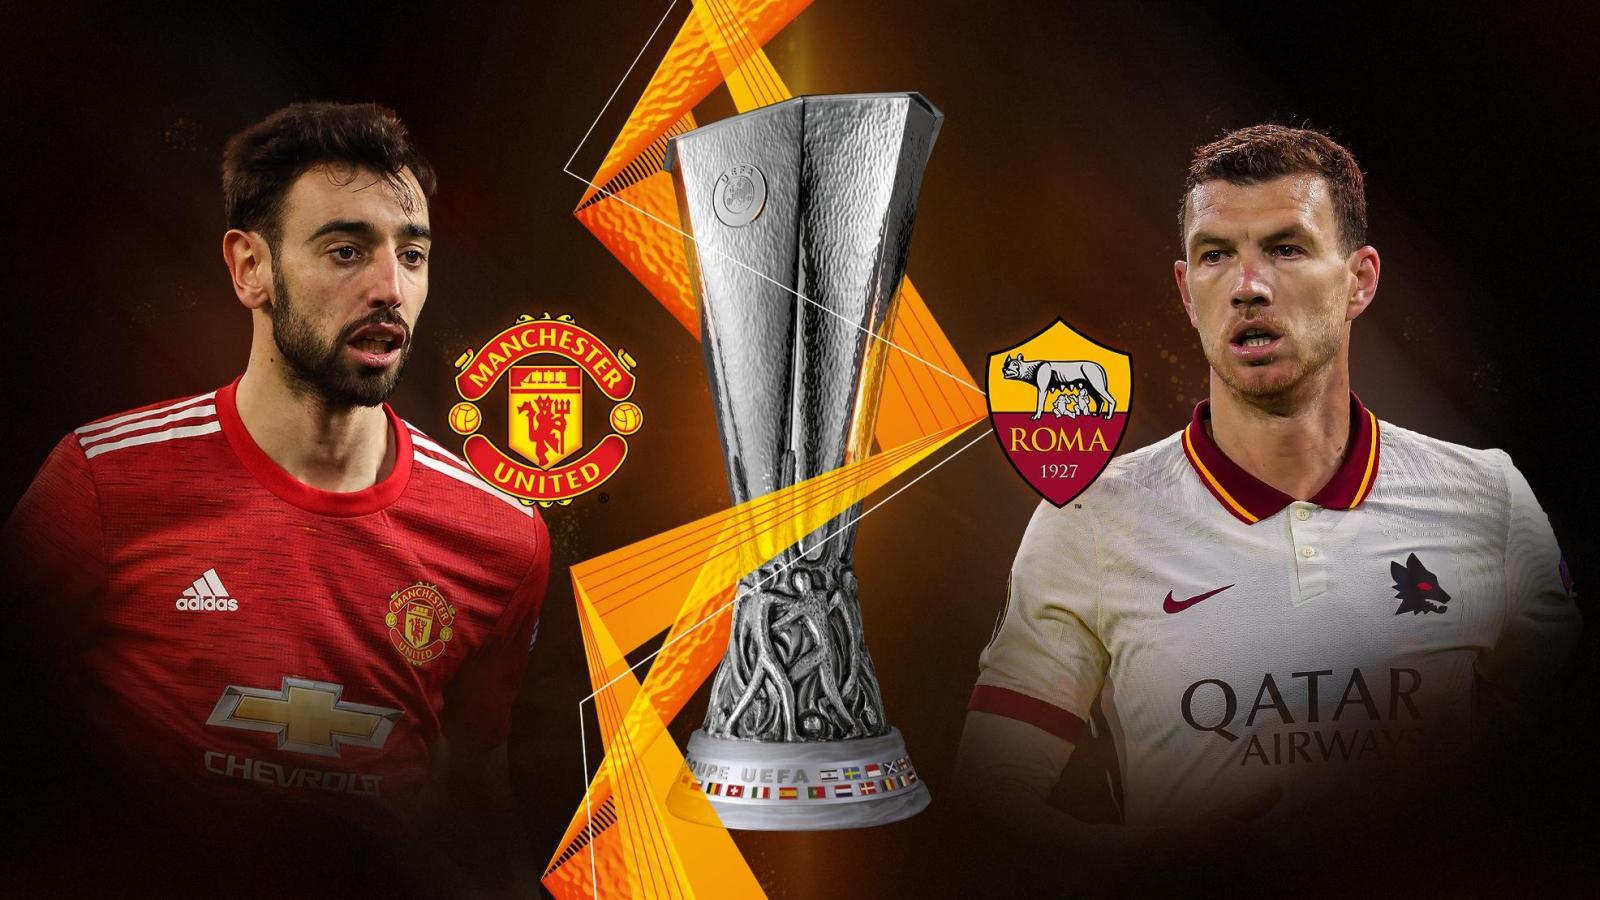 Dự đoán kết quả, đội hình xuất phát trận MU - Roma